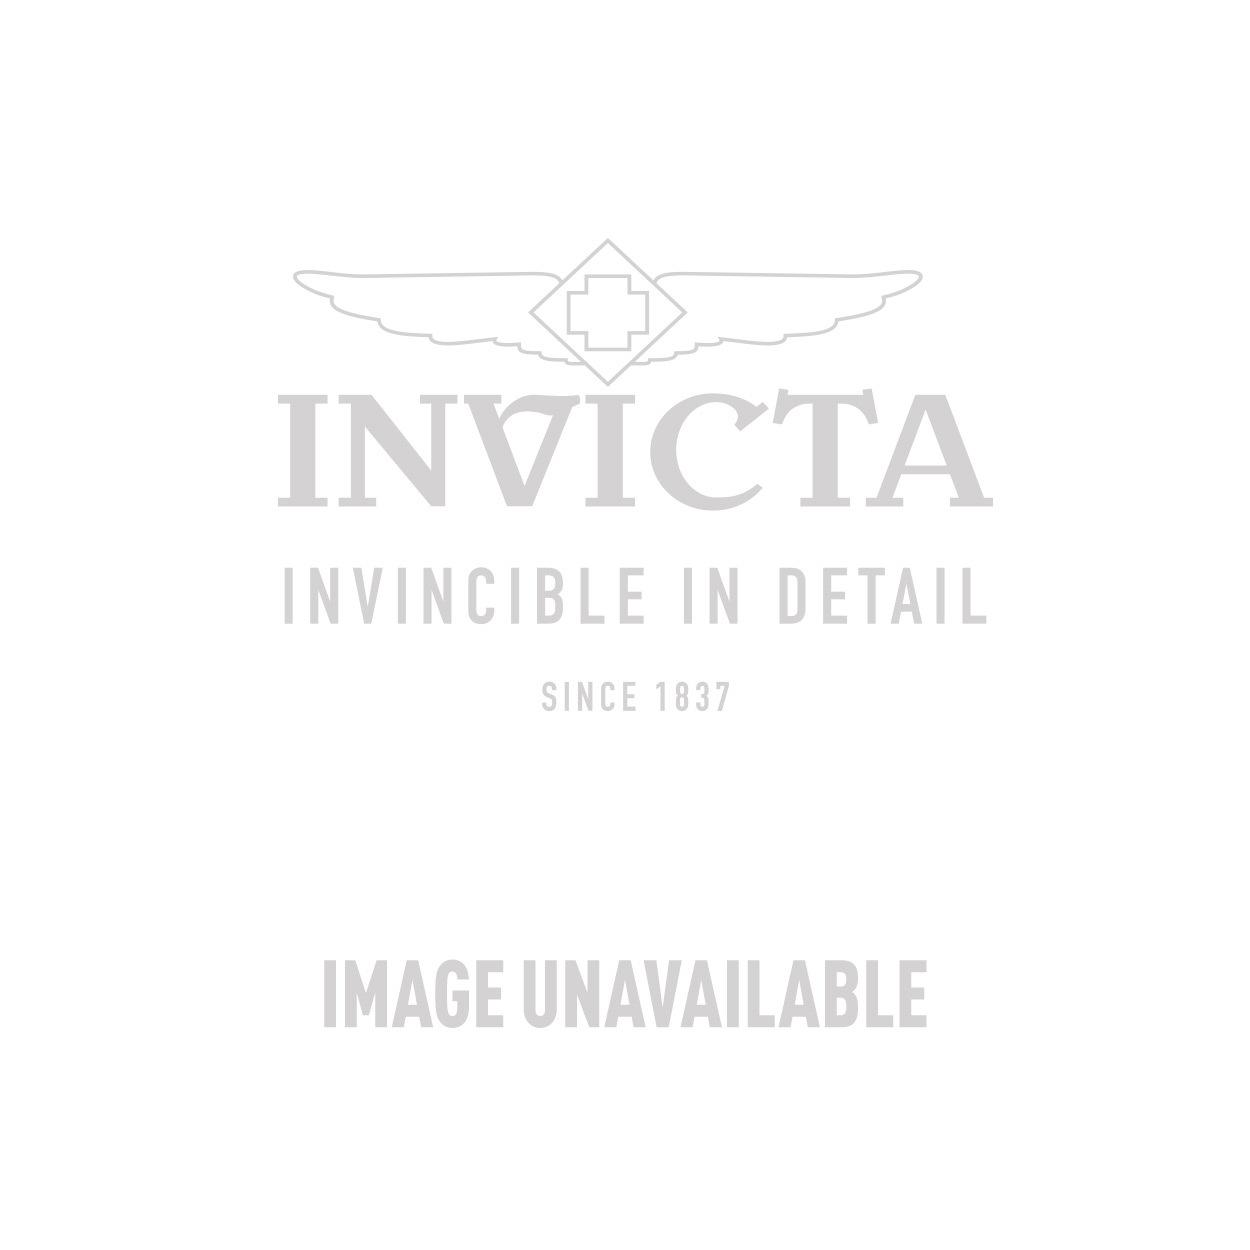 Invicta Model 28939